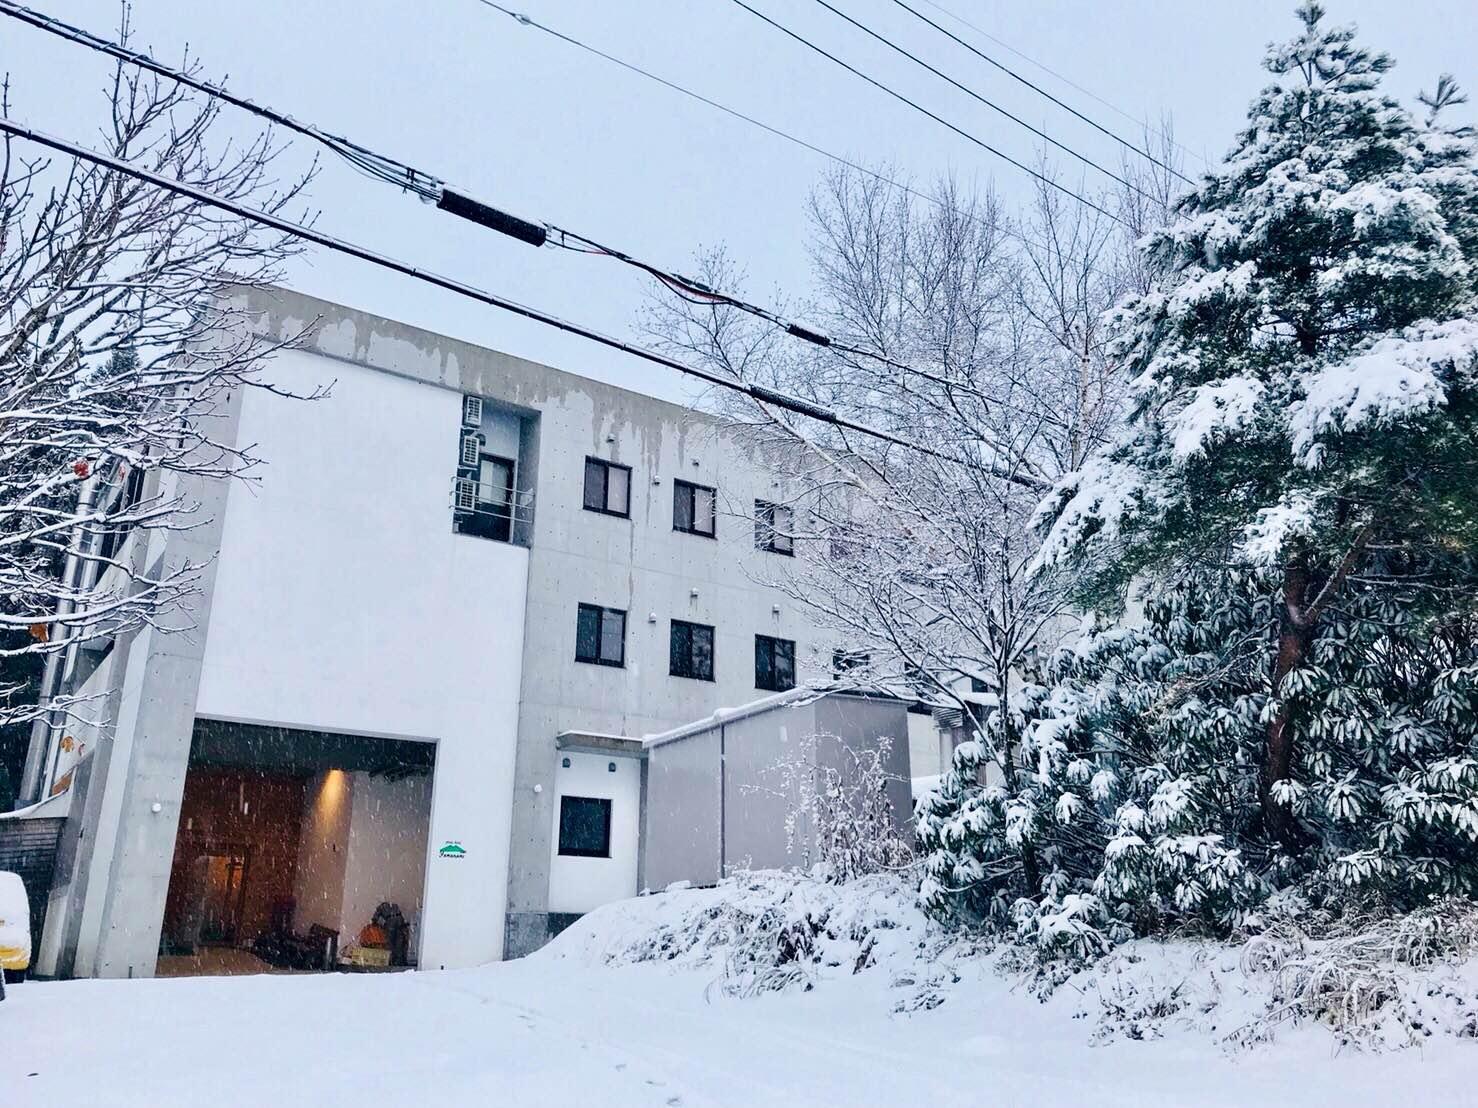 ハチ高原 初雪